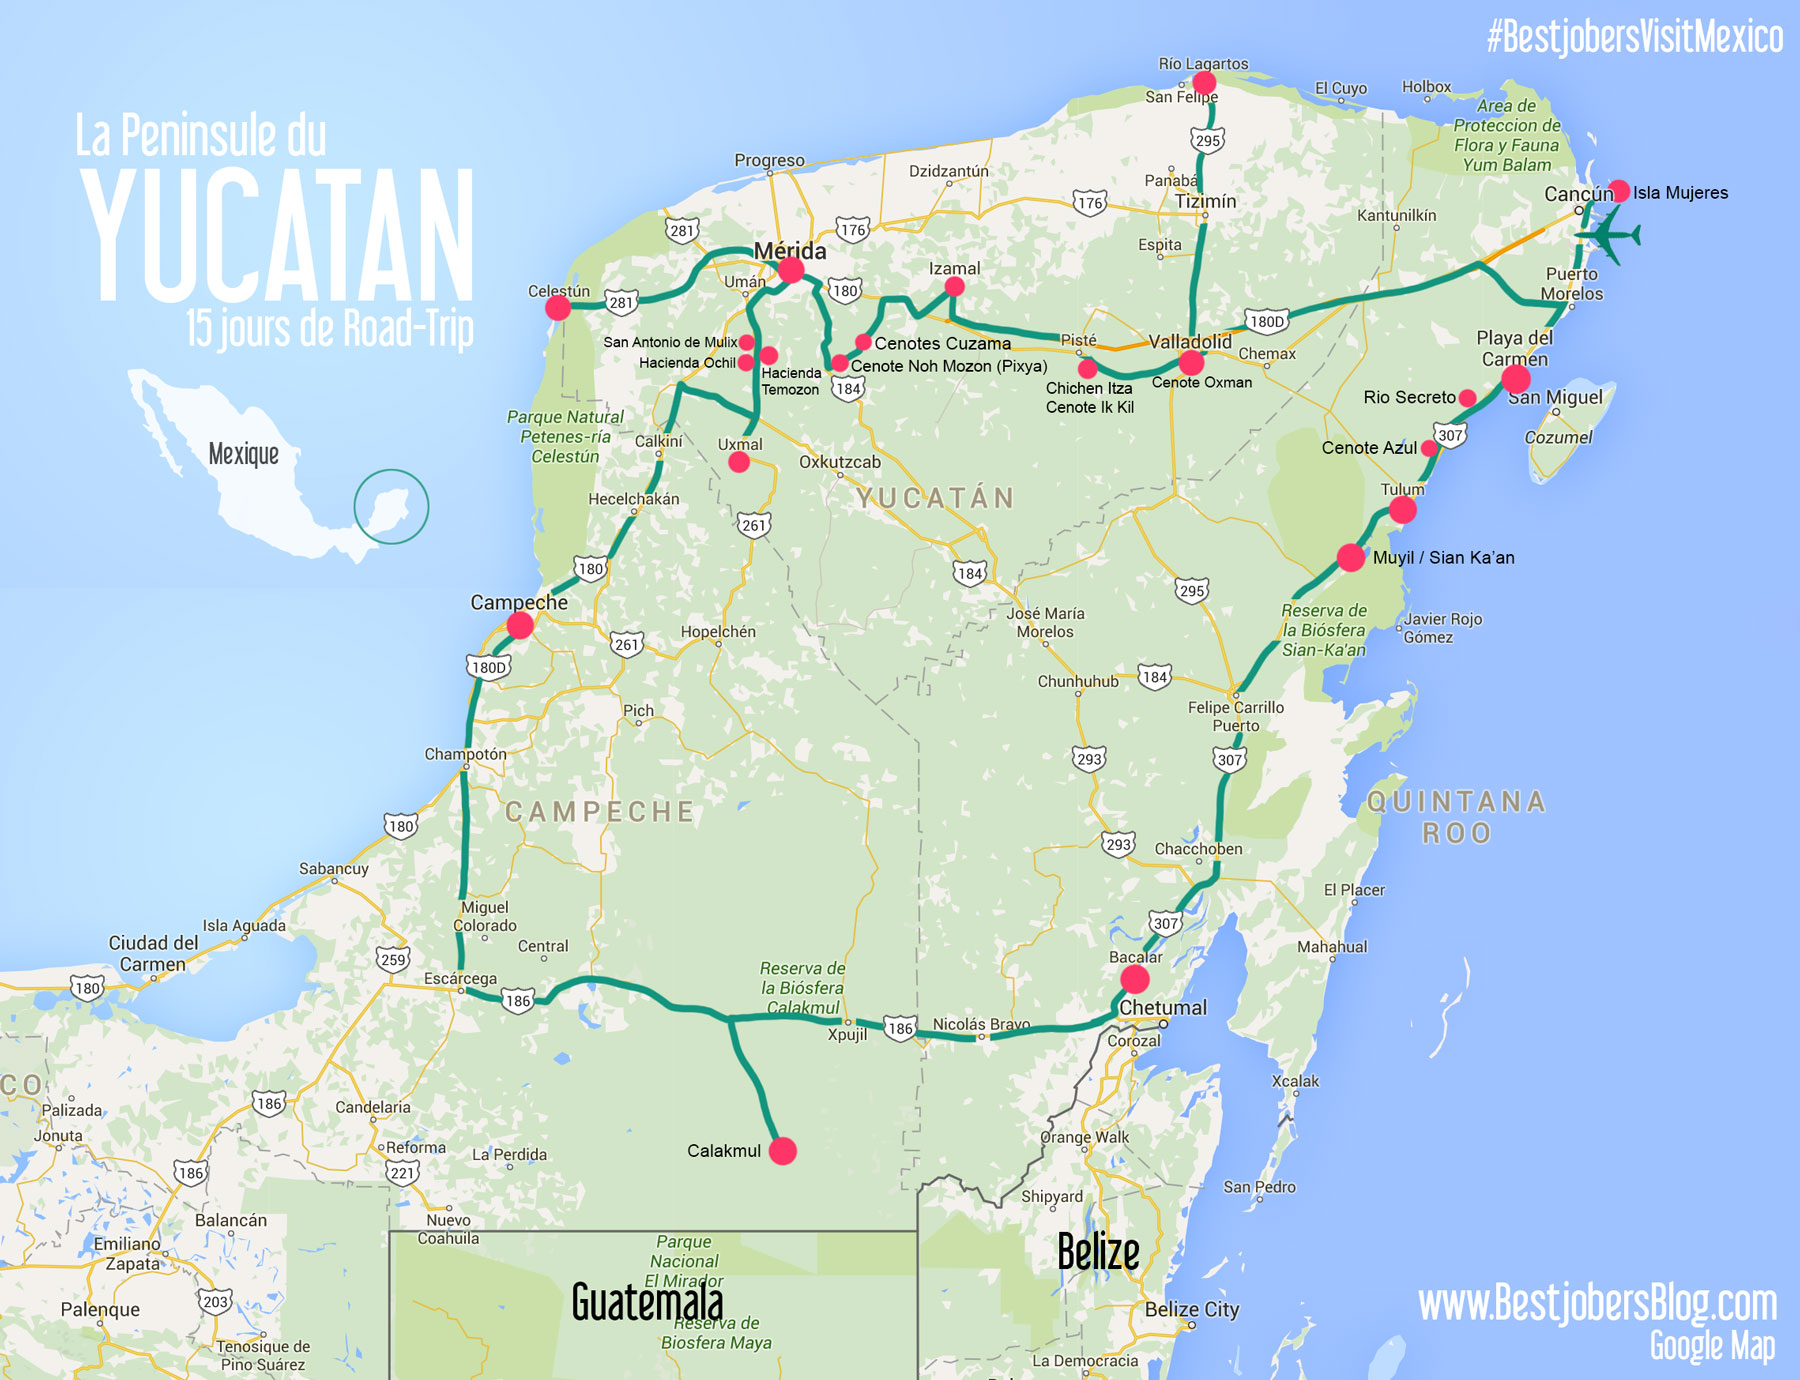 Road-trip Yucatan carte détaillée